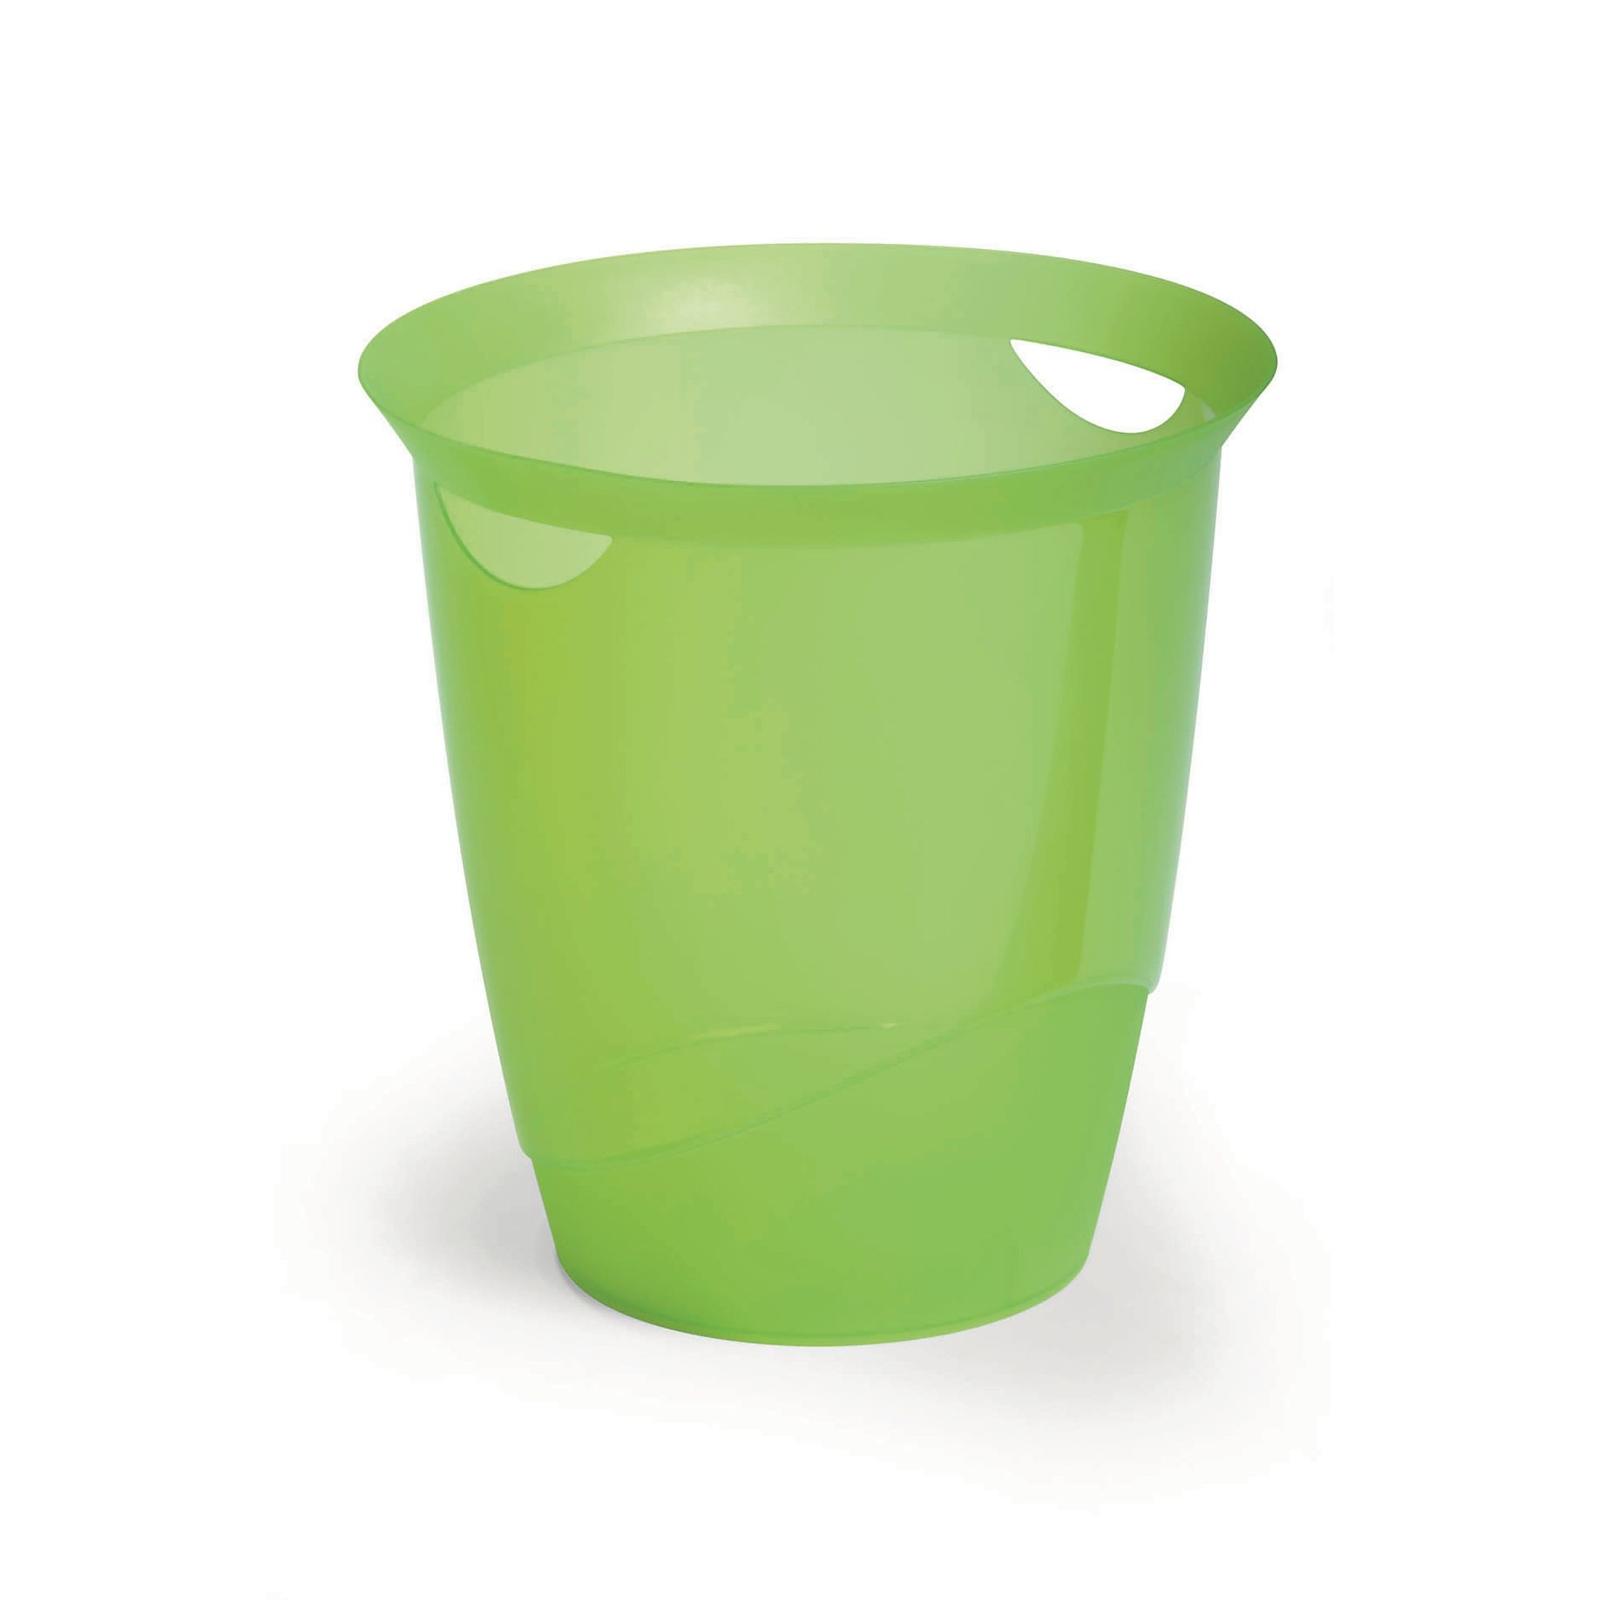 Waste Bin - Green